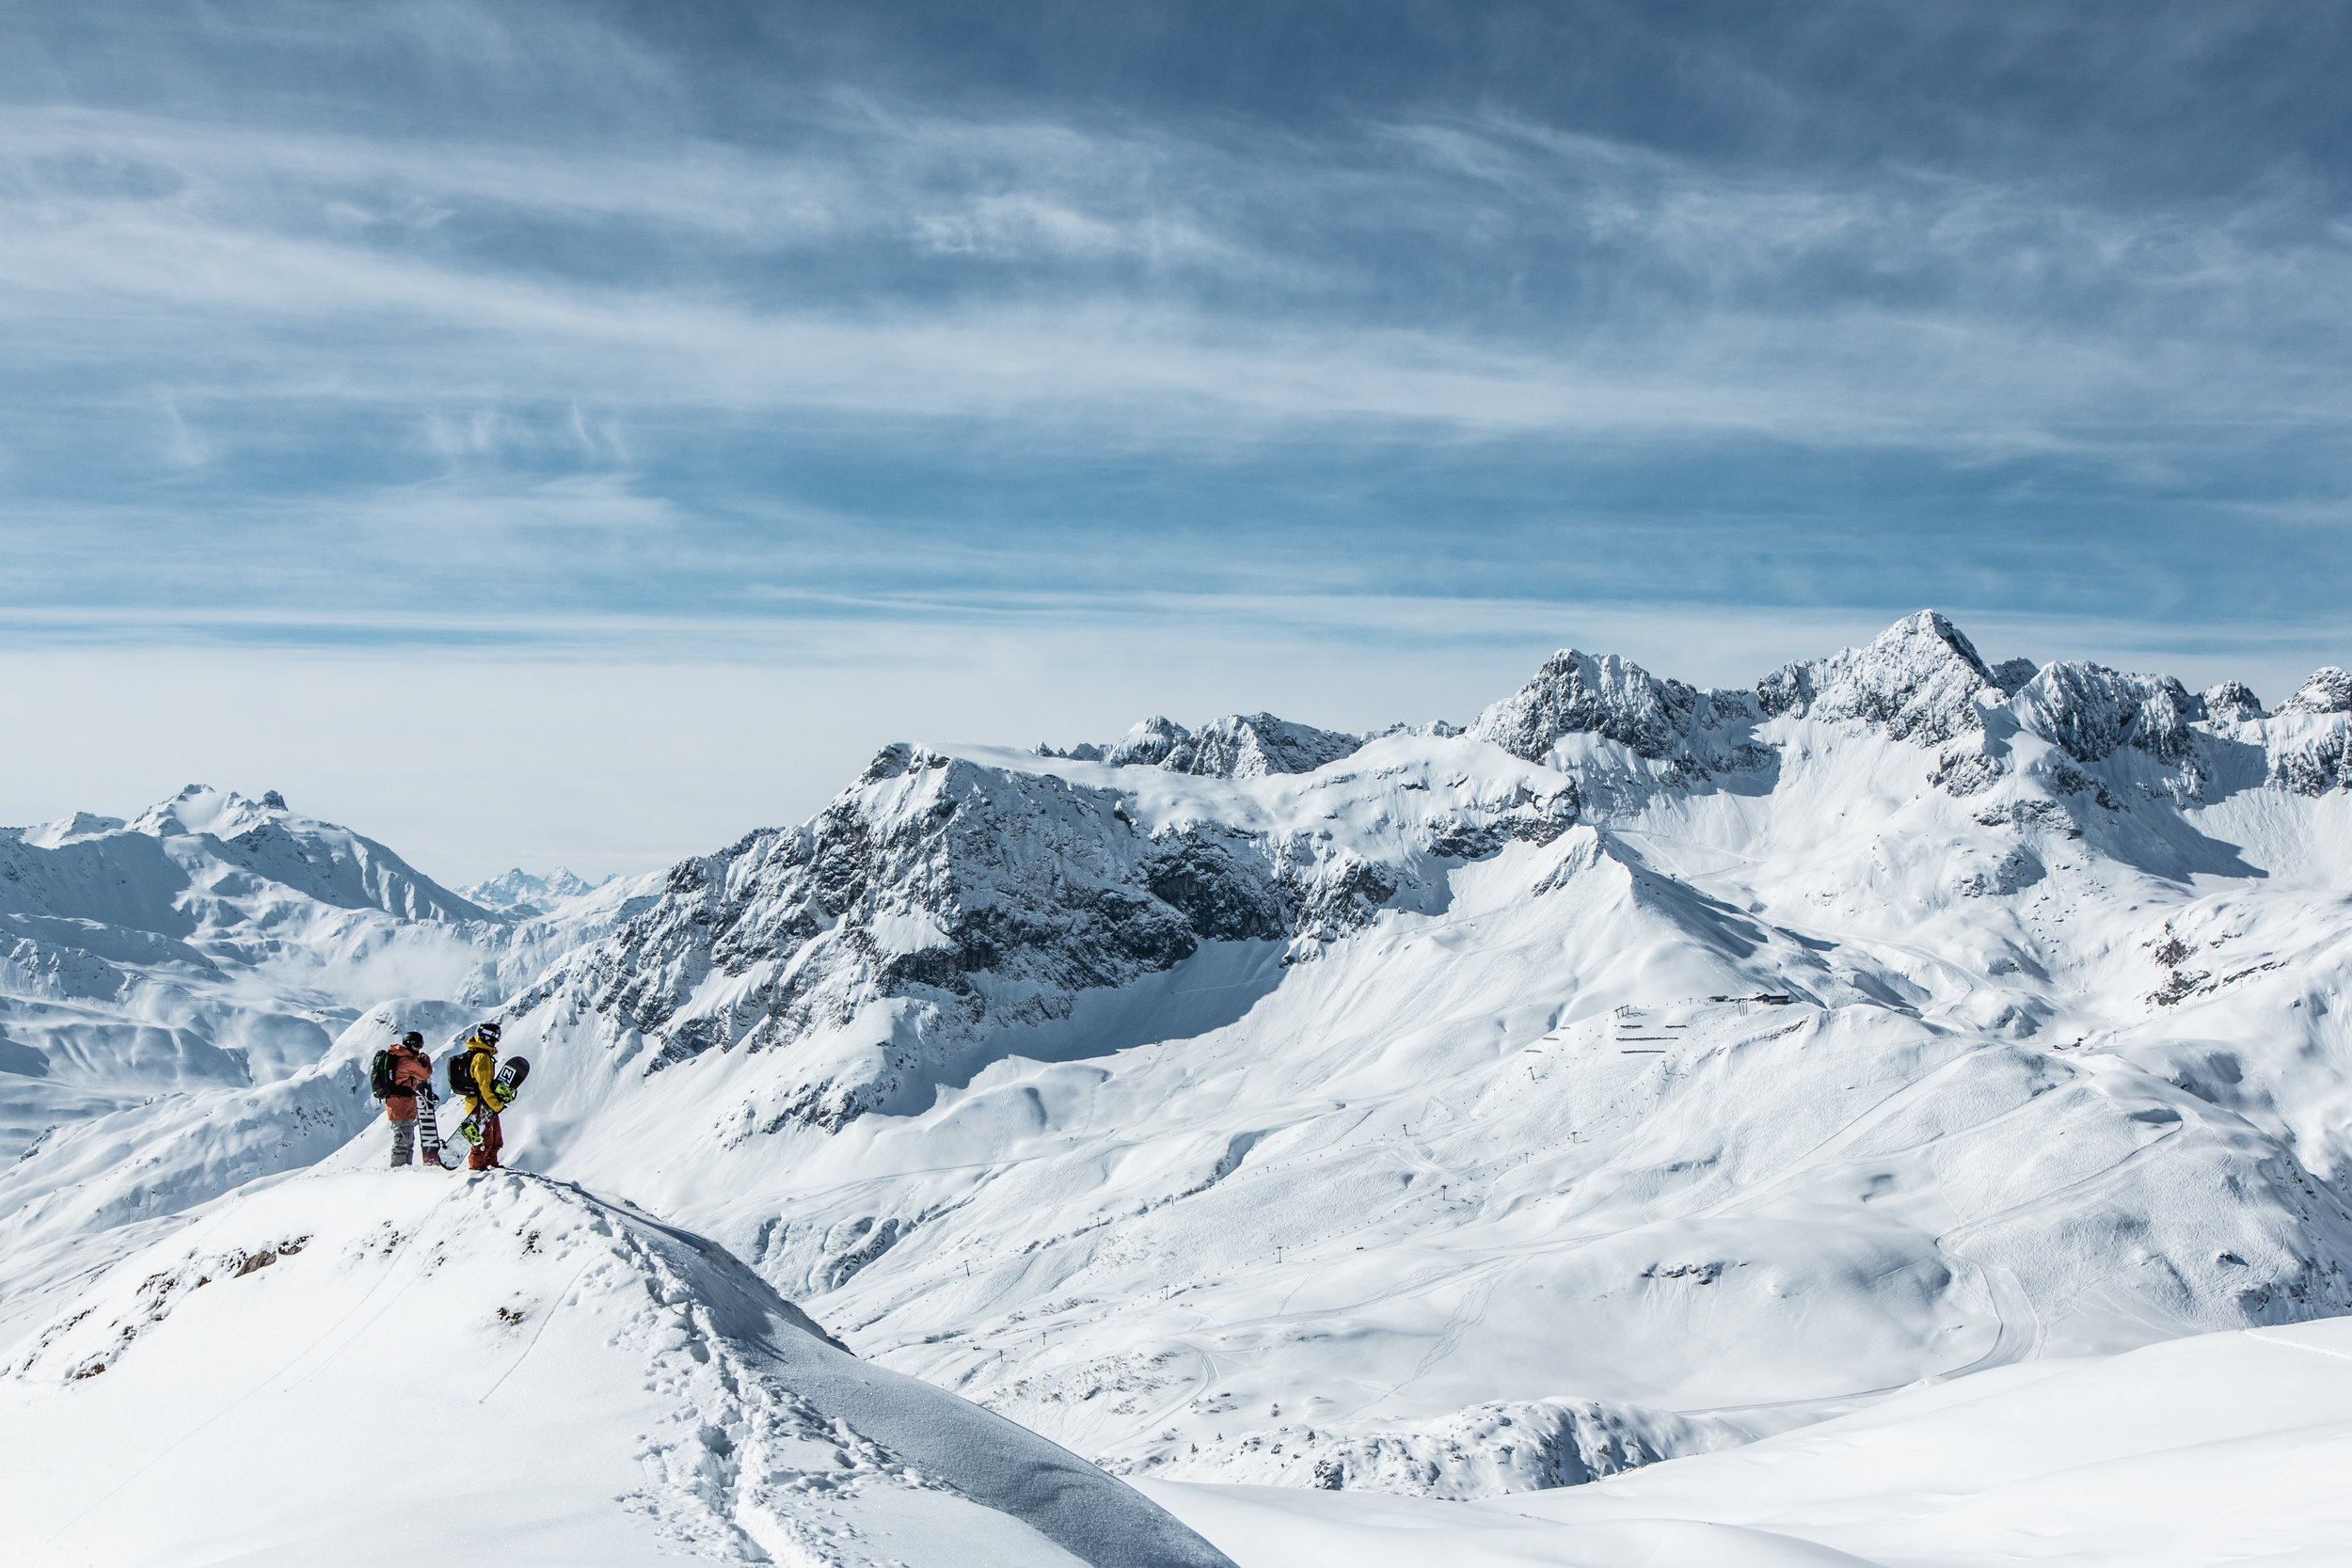 CS_20140325_lech_zuers_snowboard_0028